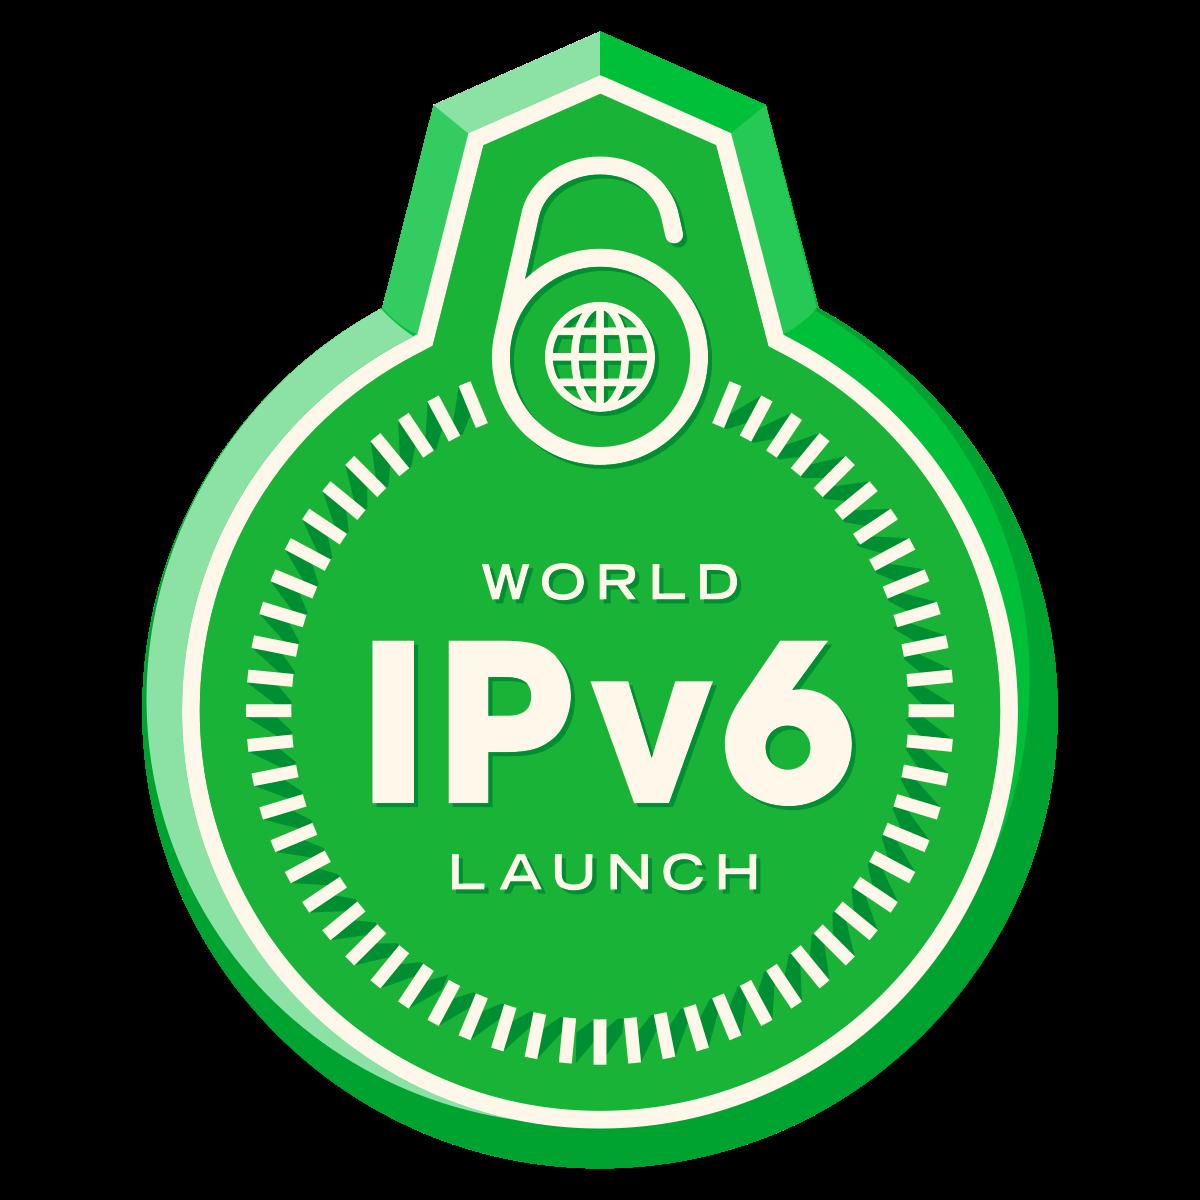 CISA вынесло на общественное обсуждение руководство по IPv6